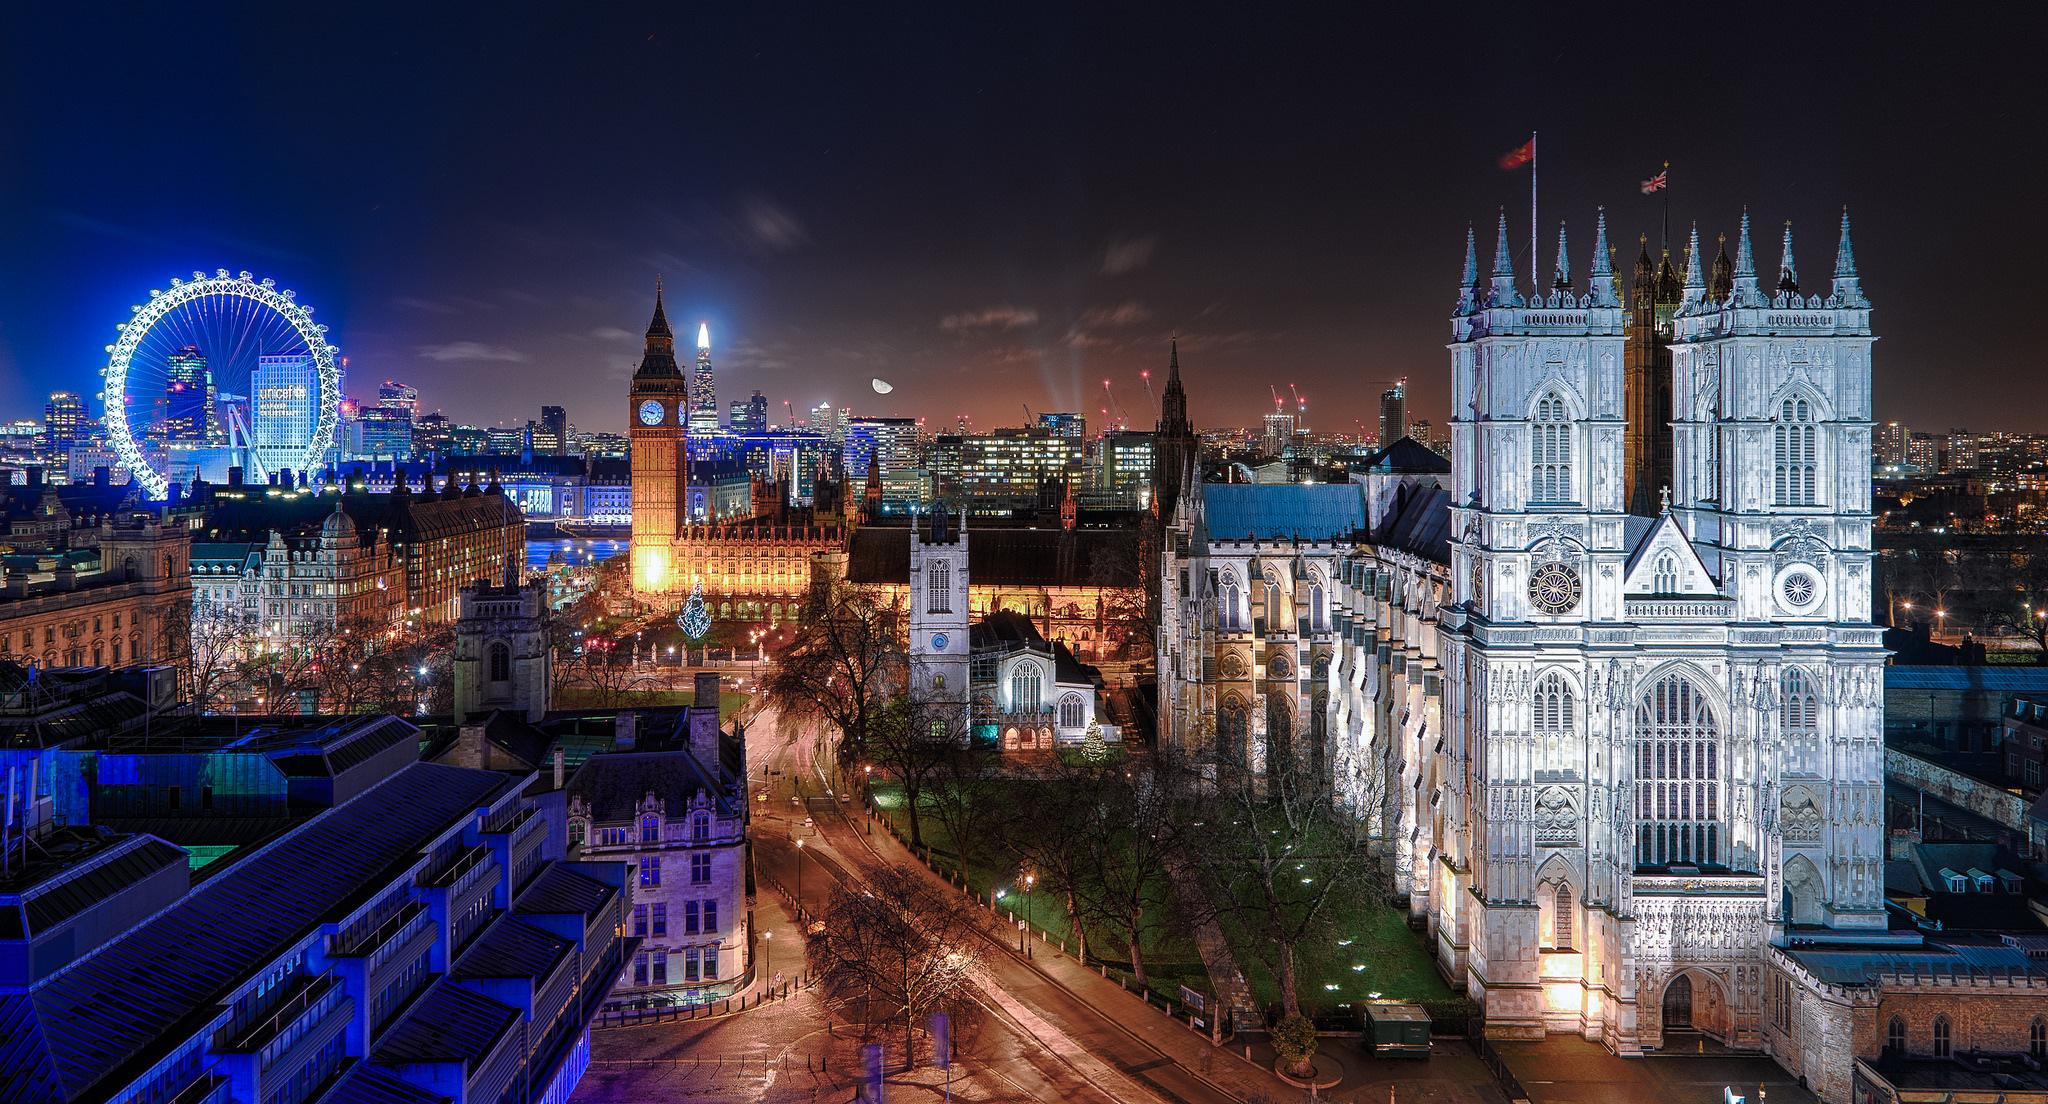 Création de sociétés LTD en Angleterre en ligne FIDULINK cabinet de gestion et création d entreprises en Angleterre à Londres